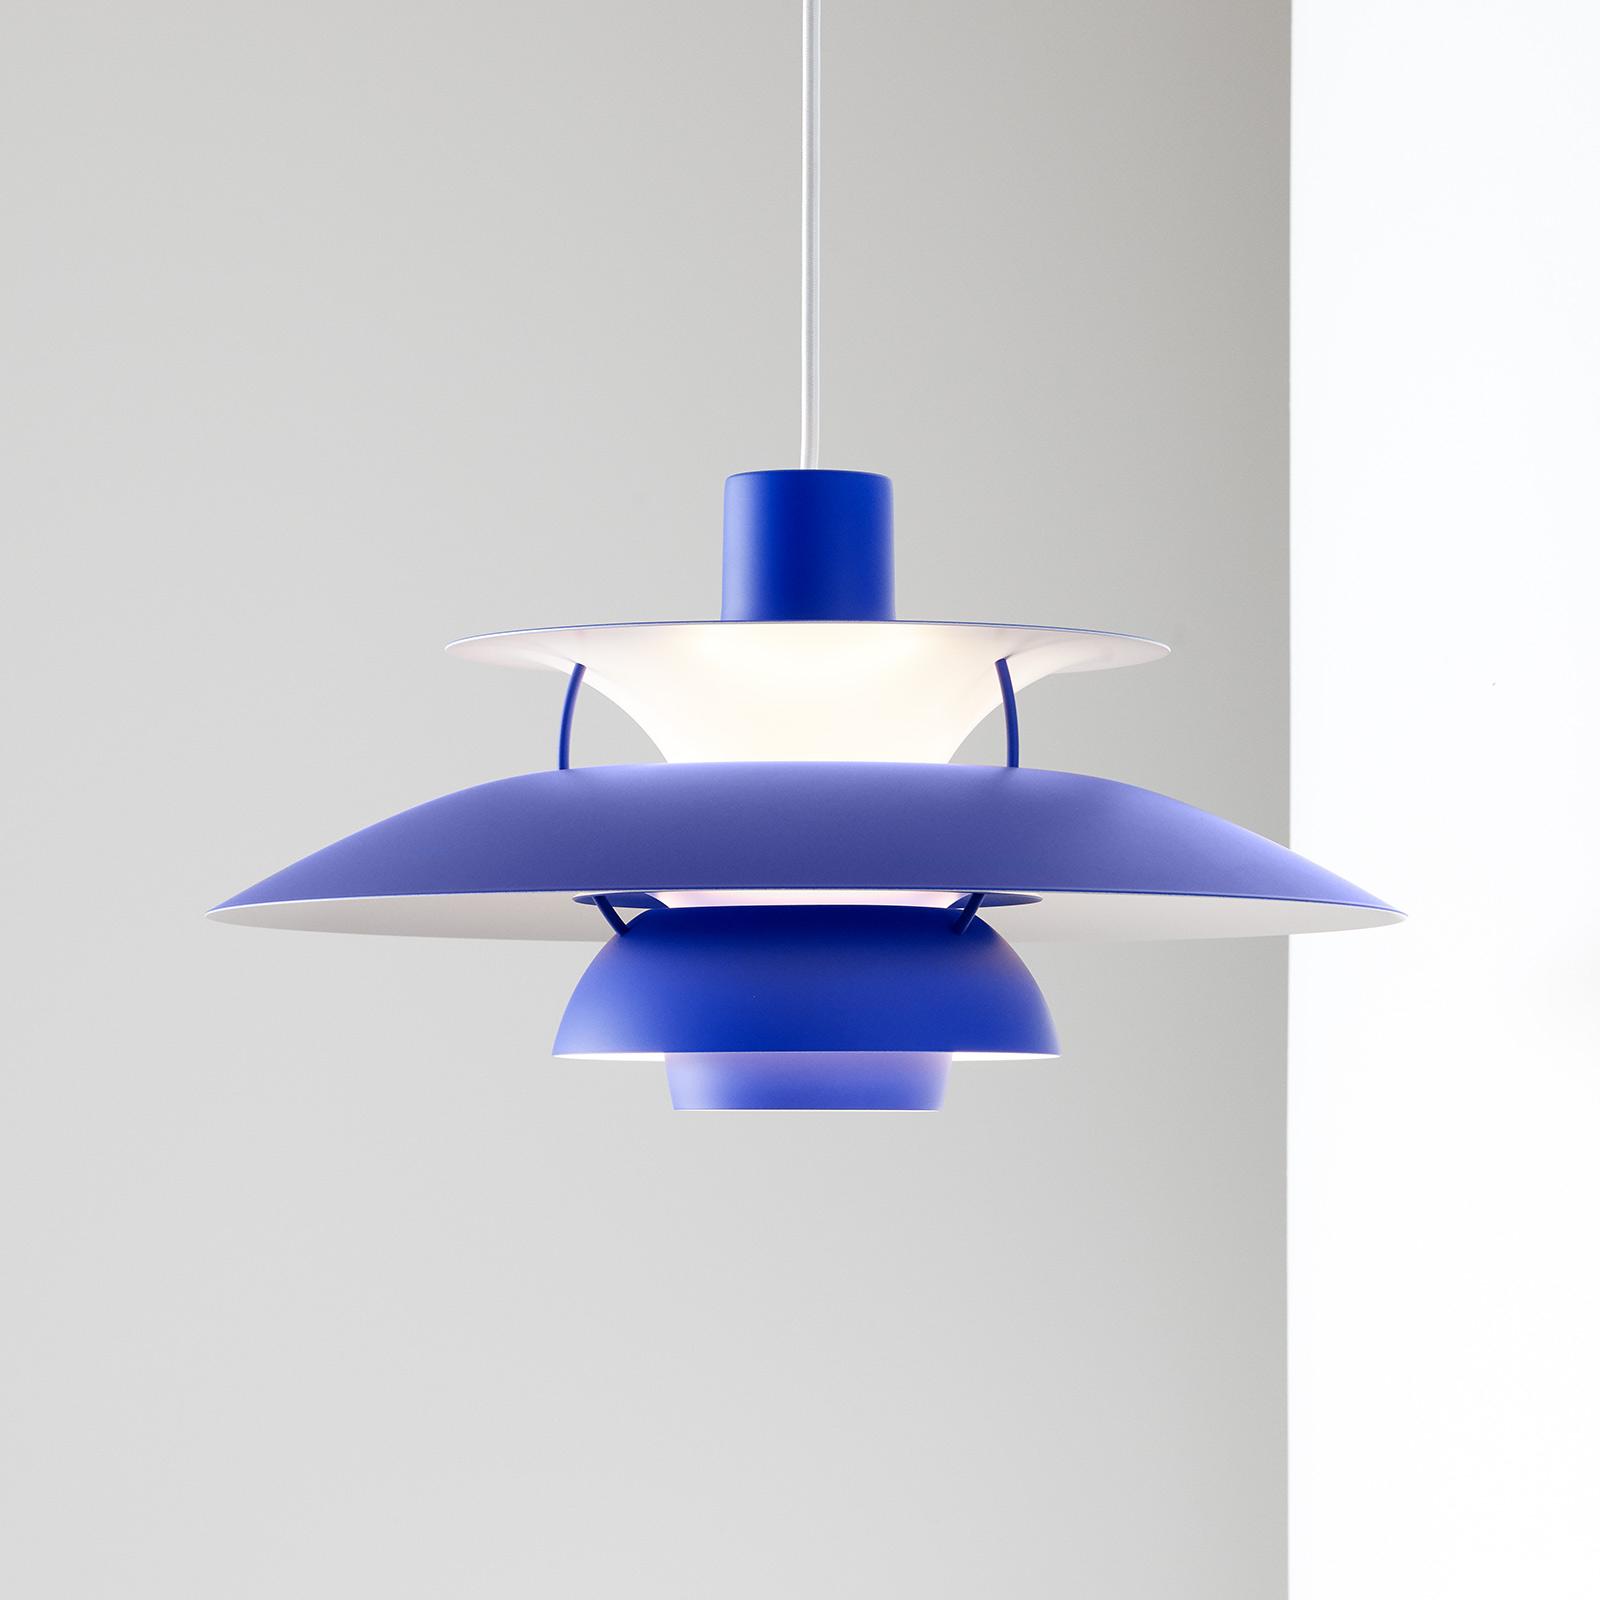 Louis Poulsen PH 5 Hängeleuchte monochrom blau